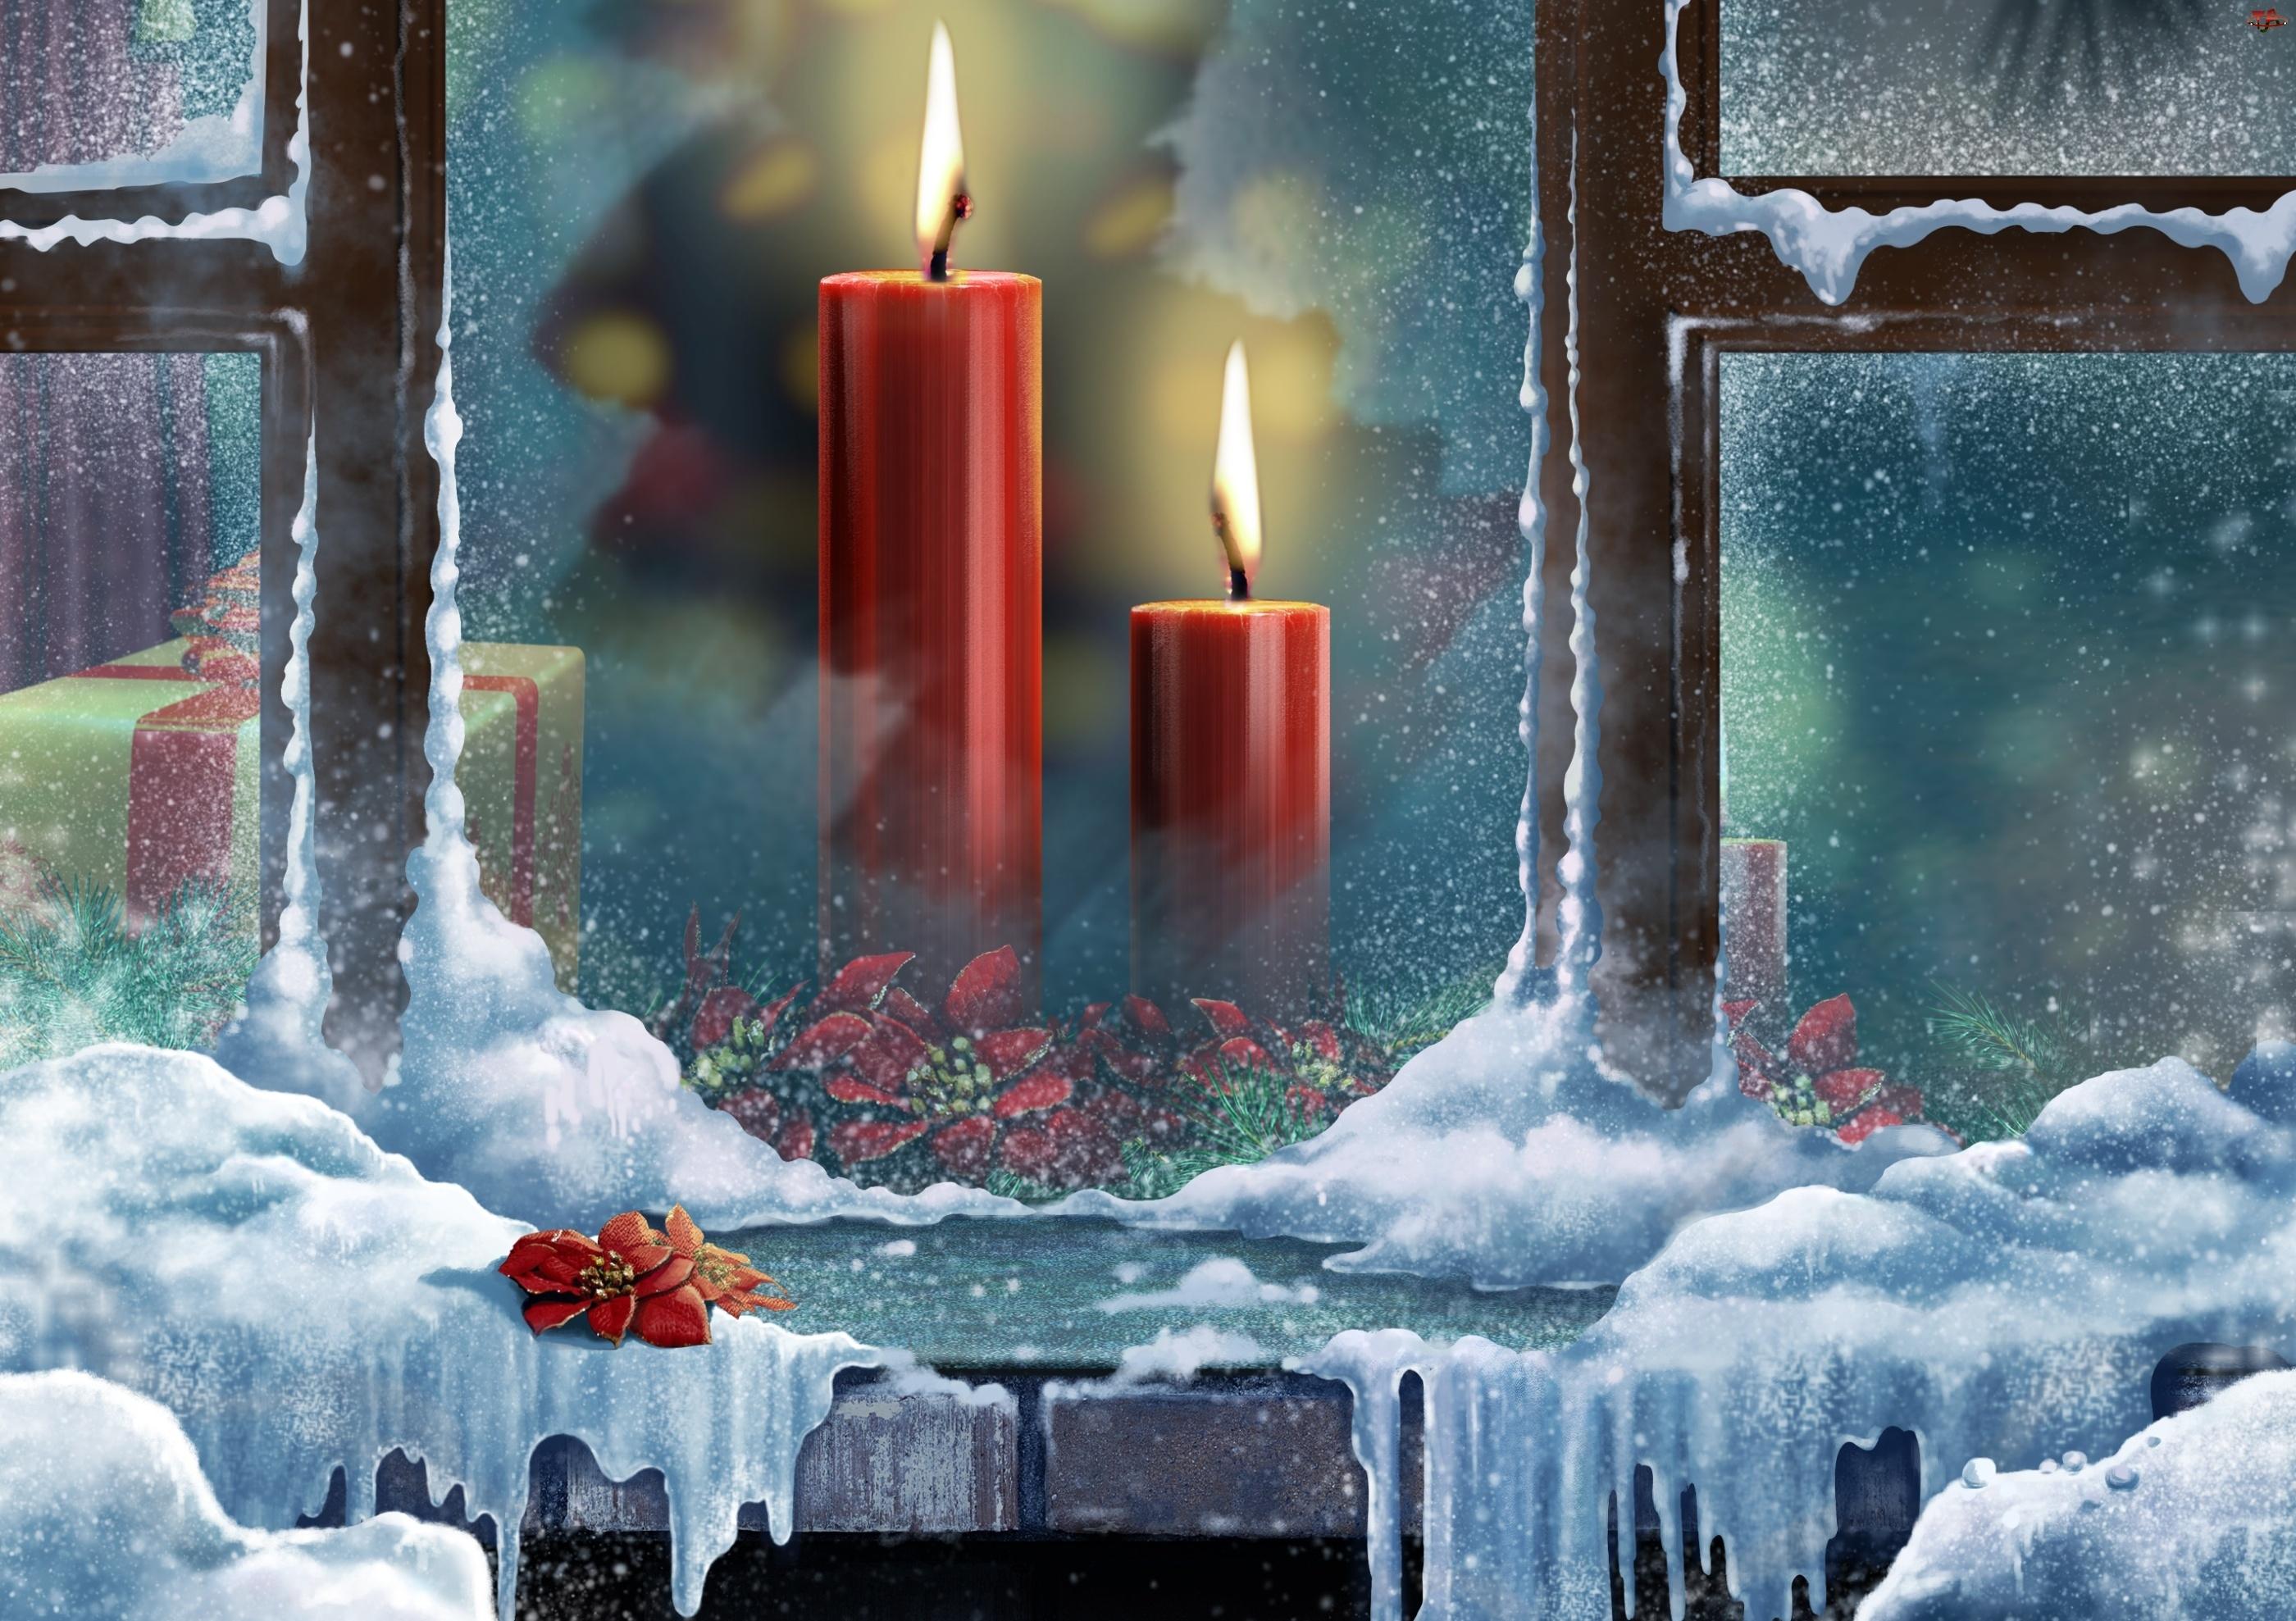 Grafika 2D, Okno, Śnieg, Świece, Boże Narodzenie